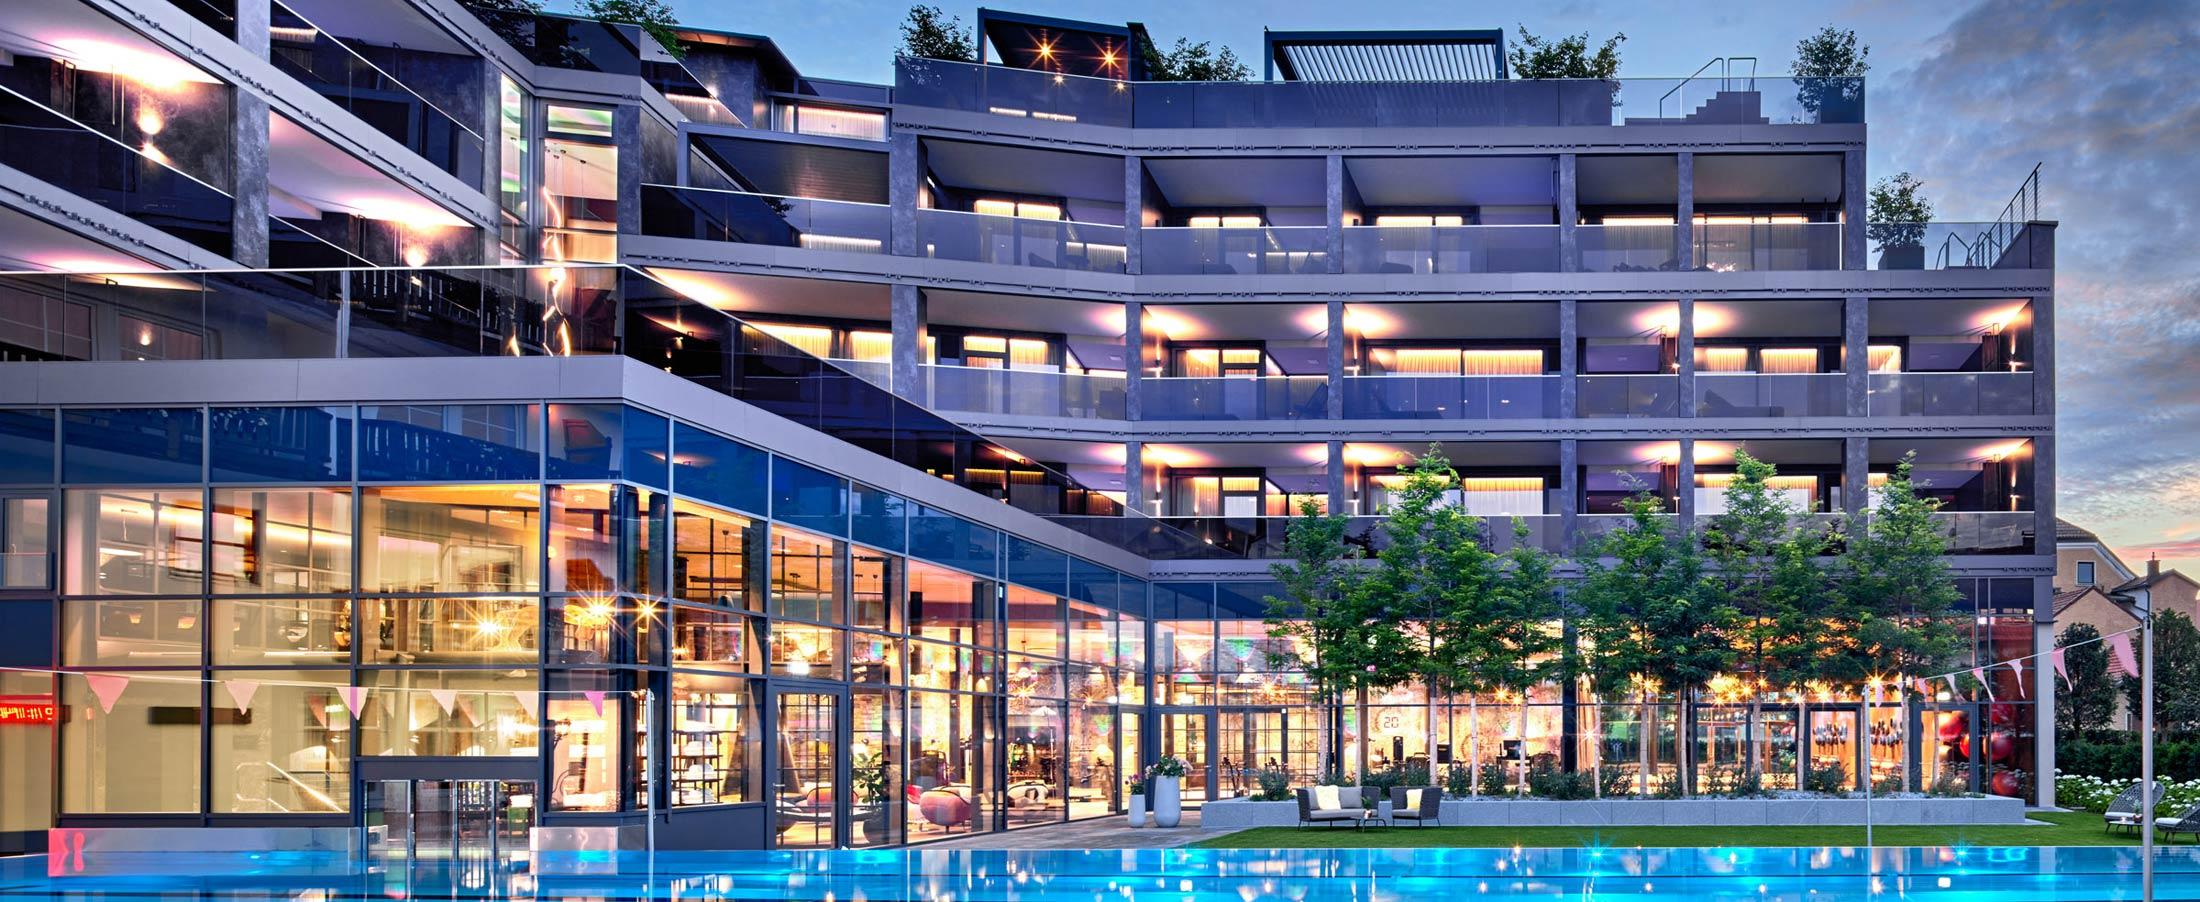 erstes 5 sterne hotel im bayerischer wald first class. Black Bedroom Furniture Sets. Home Design Ideas